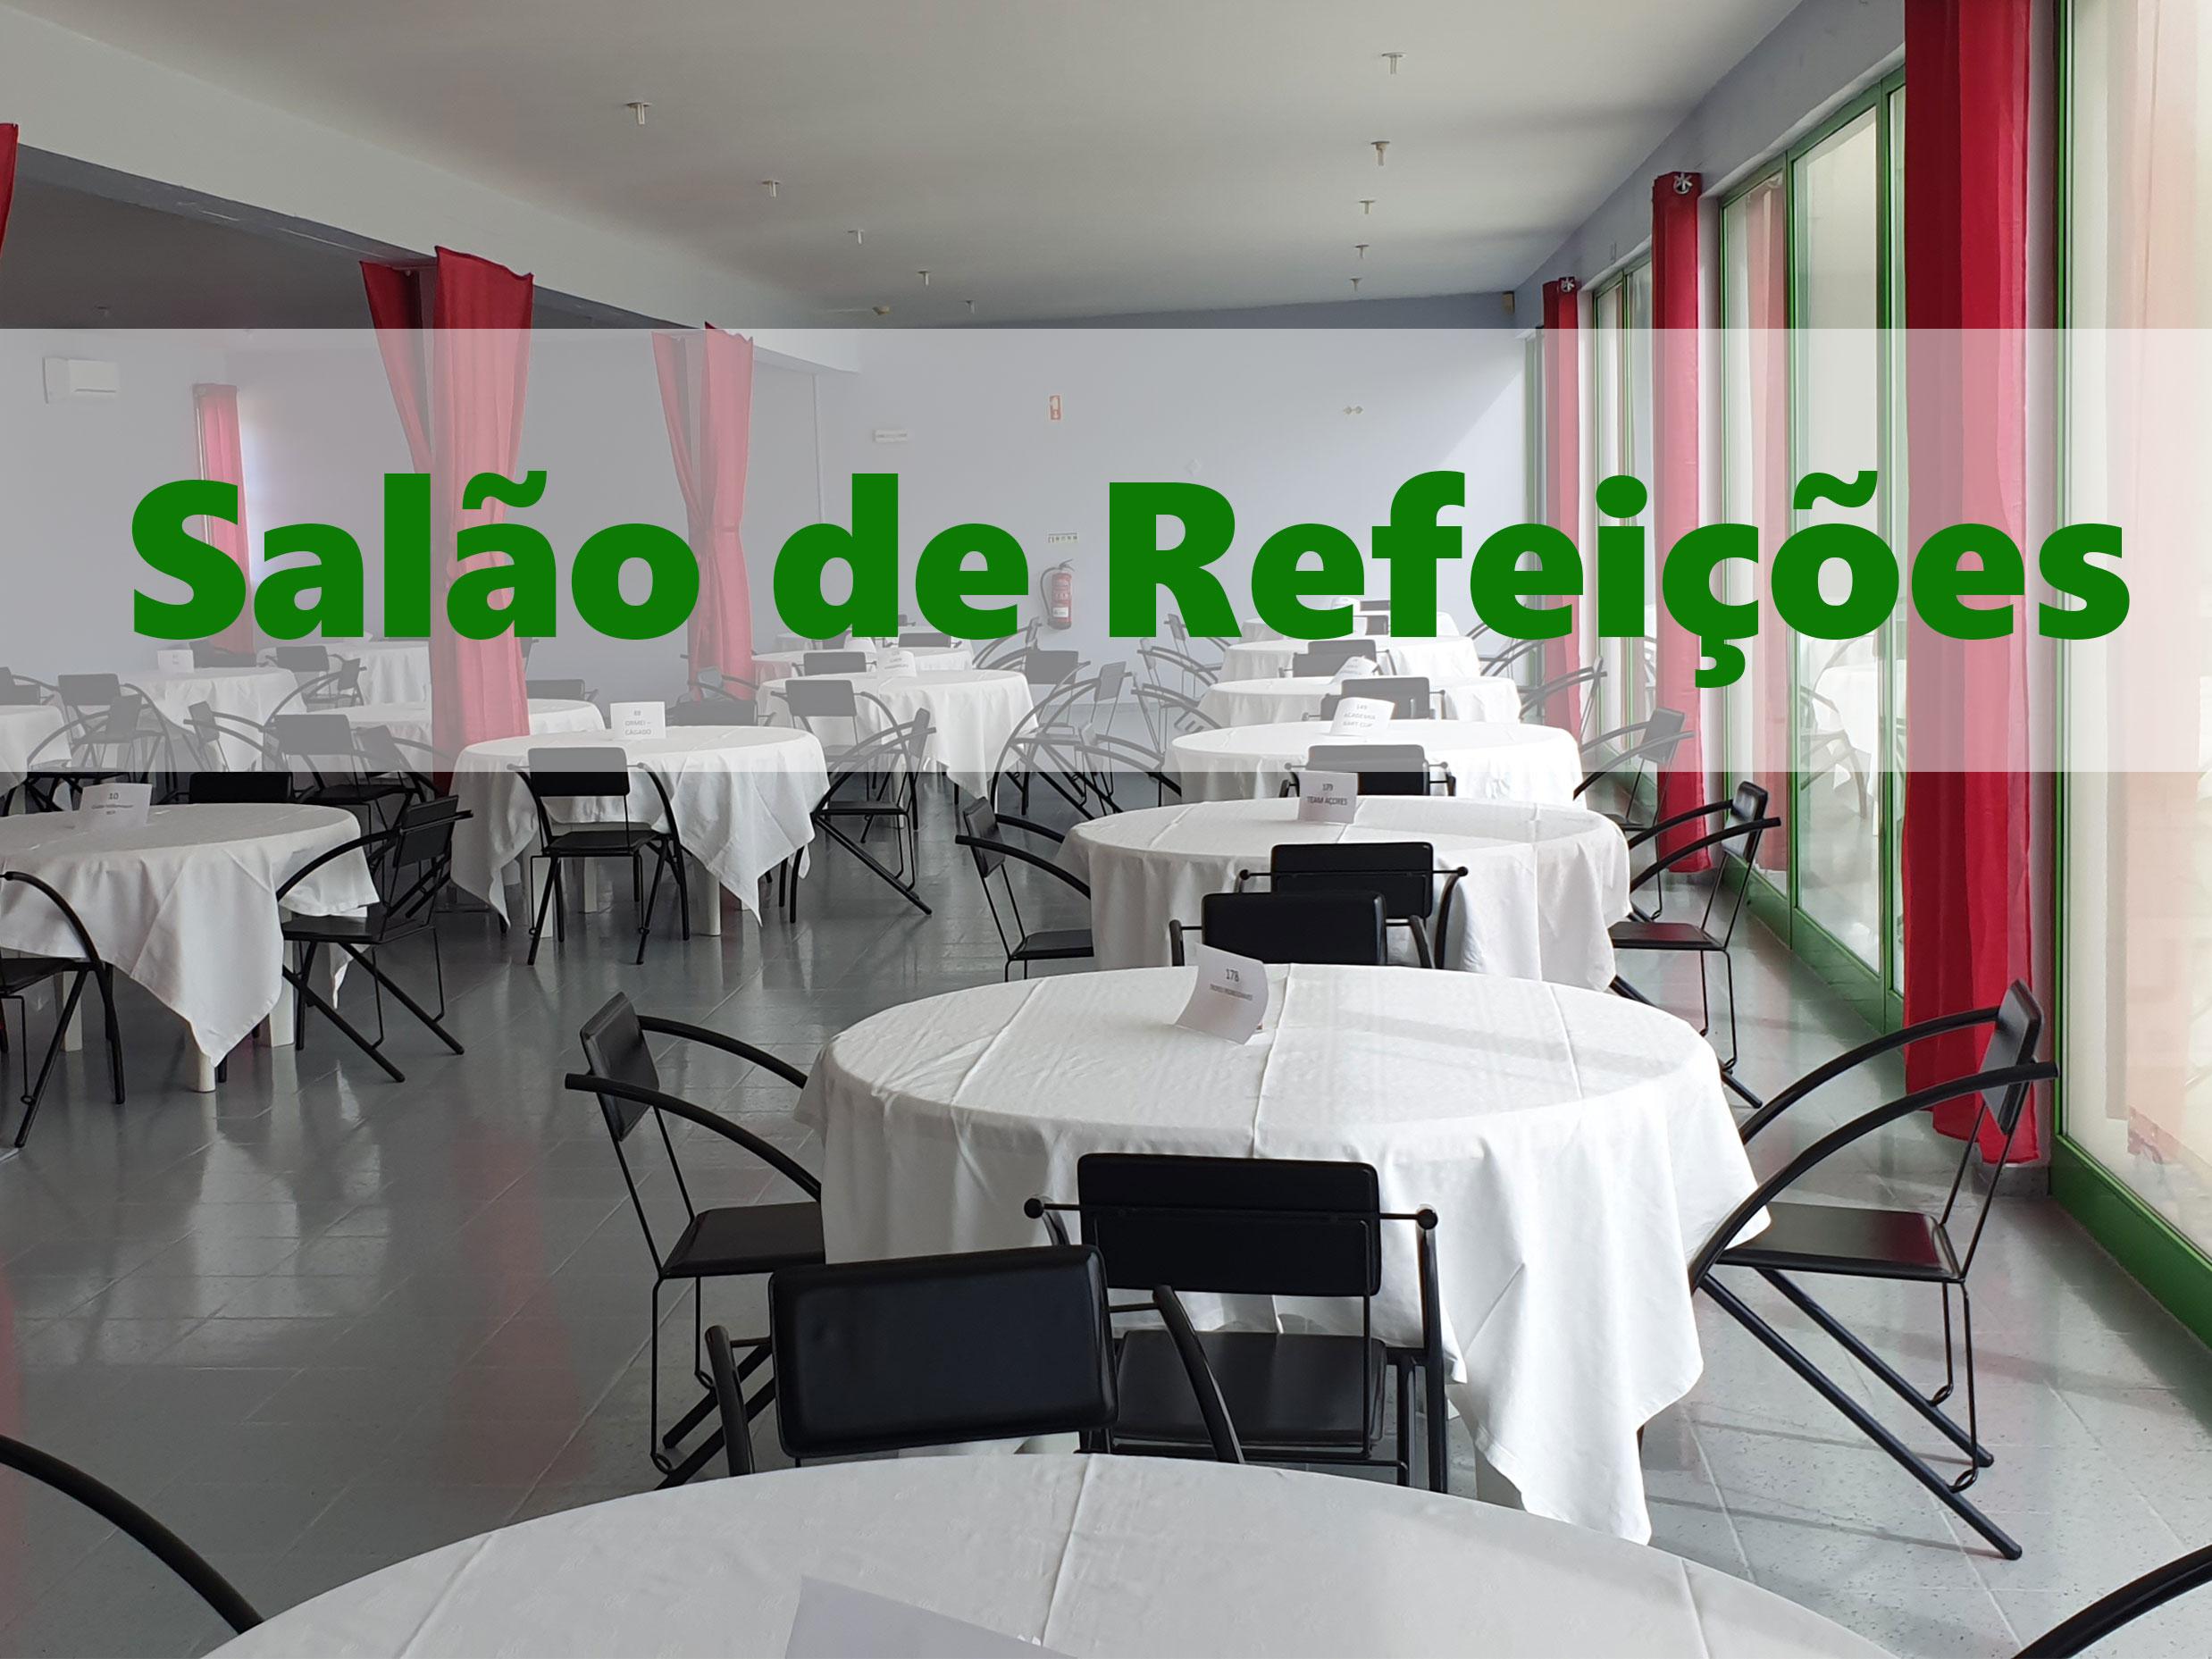 Euroindy - Salão de refeições